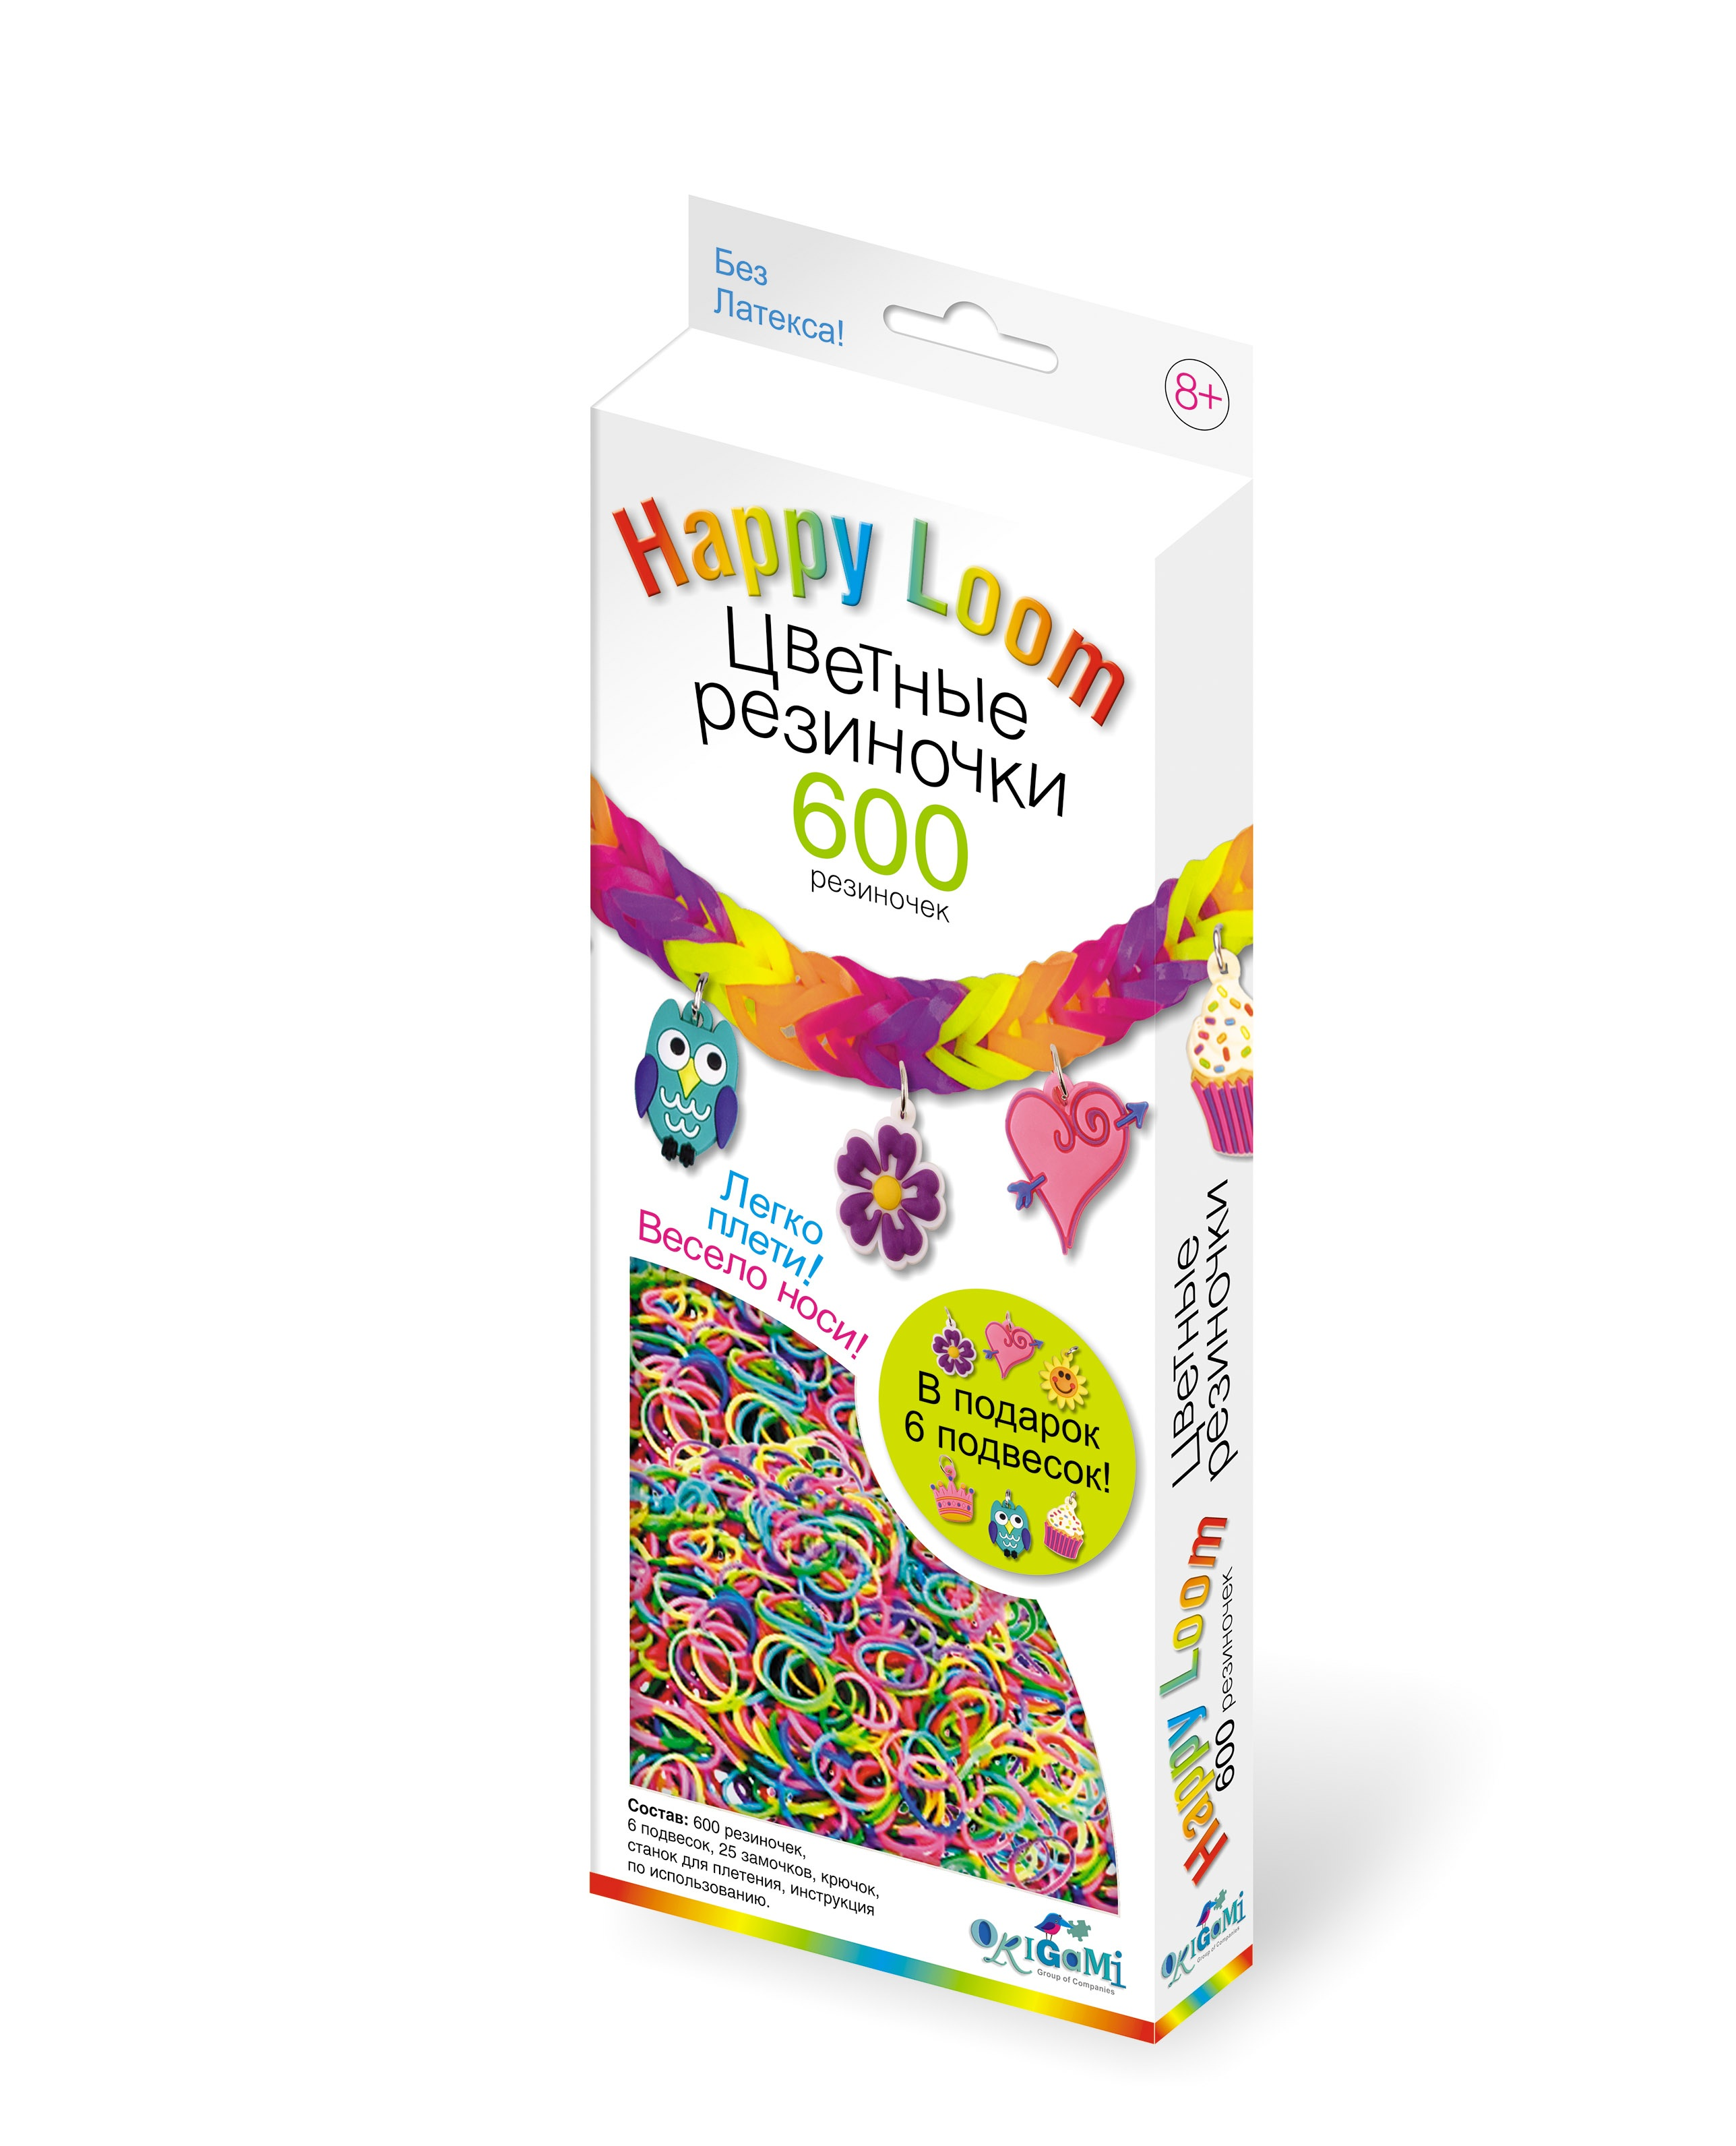 Купить Набор резиночек Happy Loom 600 шт.,